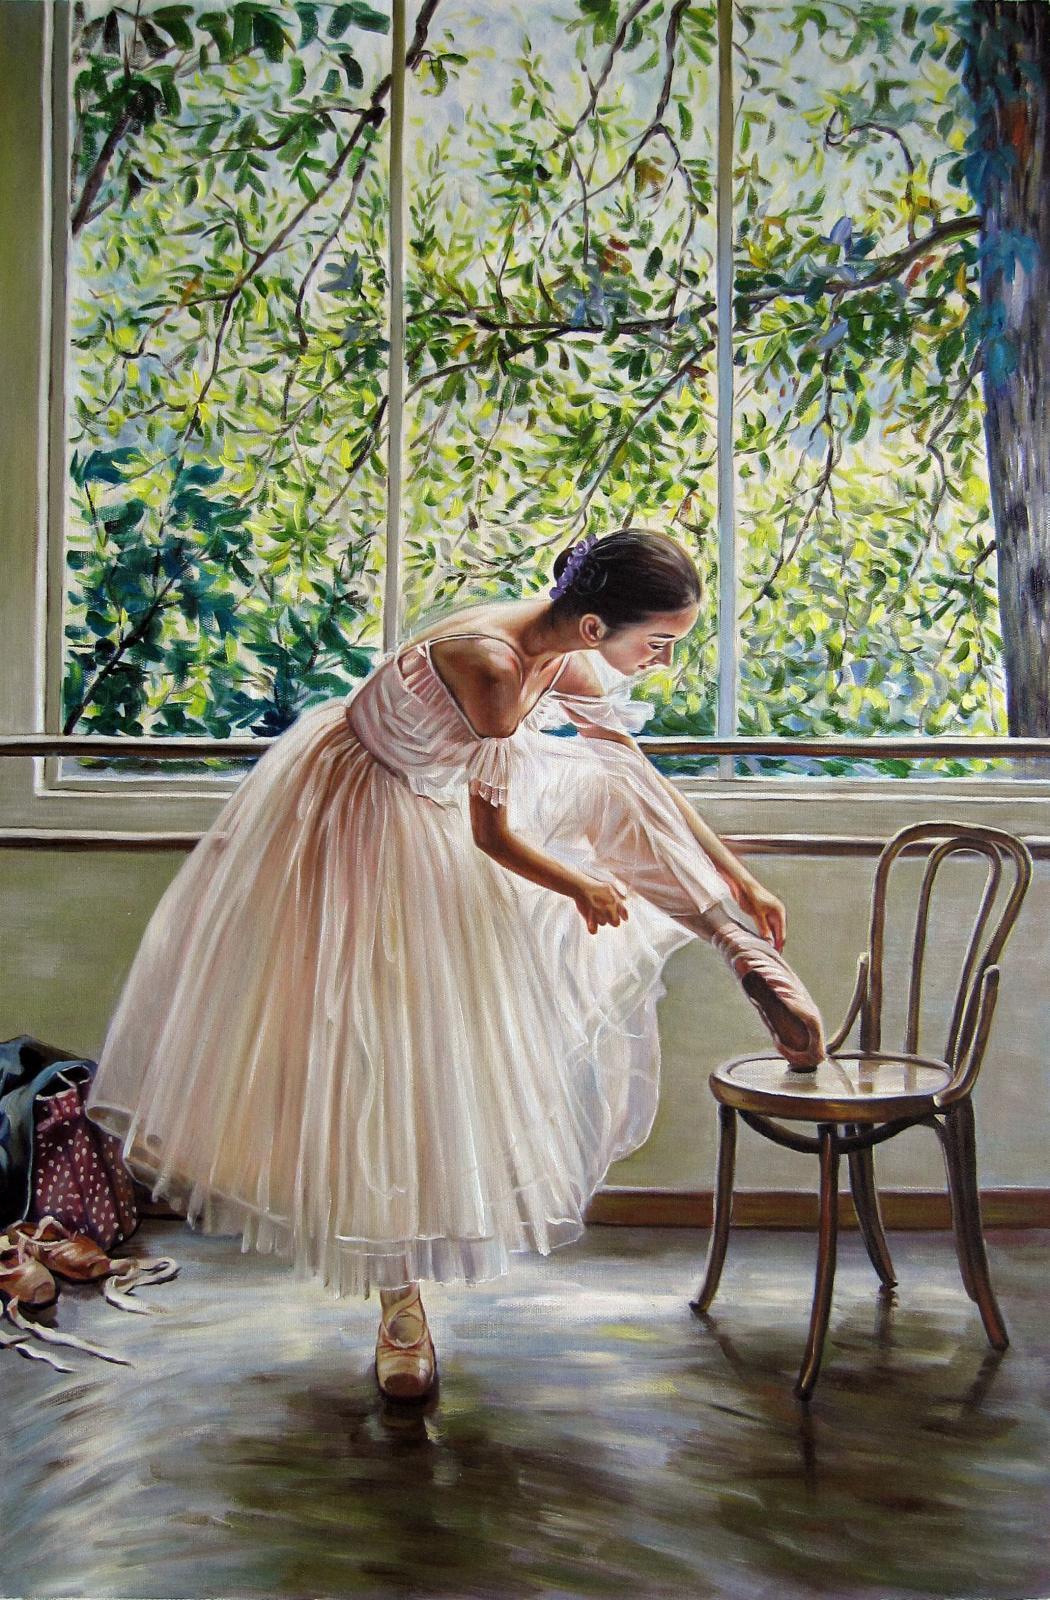 Ballerina Hauptdekor handgemaltes HD-Druck-Ölgemälde auf Leinwand-Wand-Kunst-große Bilder 191124